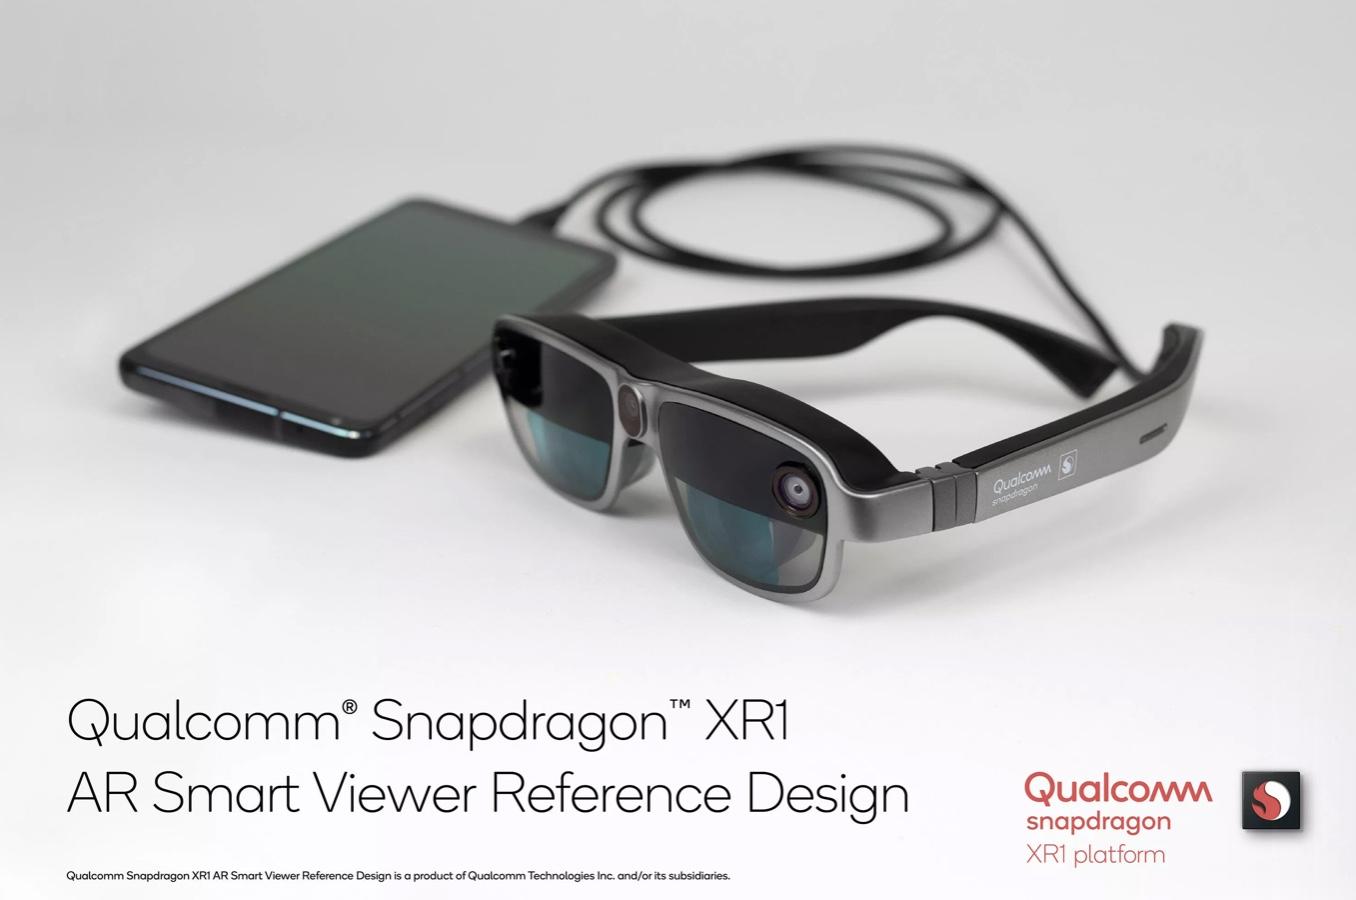 Qualcomm planuje rozwój okularów AR w najbliższym czasie. Spodziewajmy się naprawdę ciekawych modeli